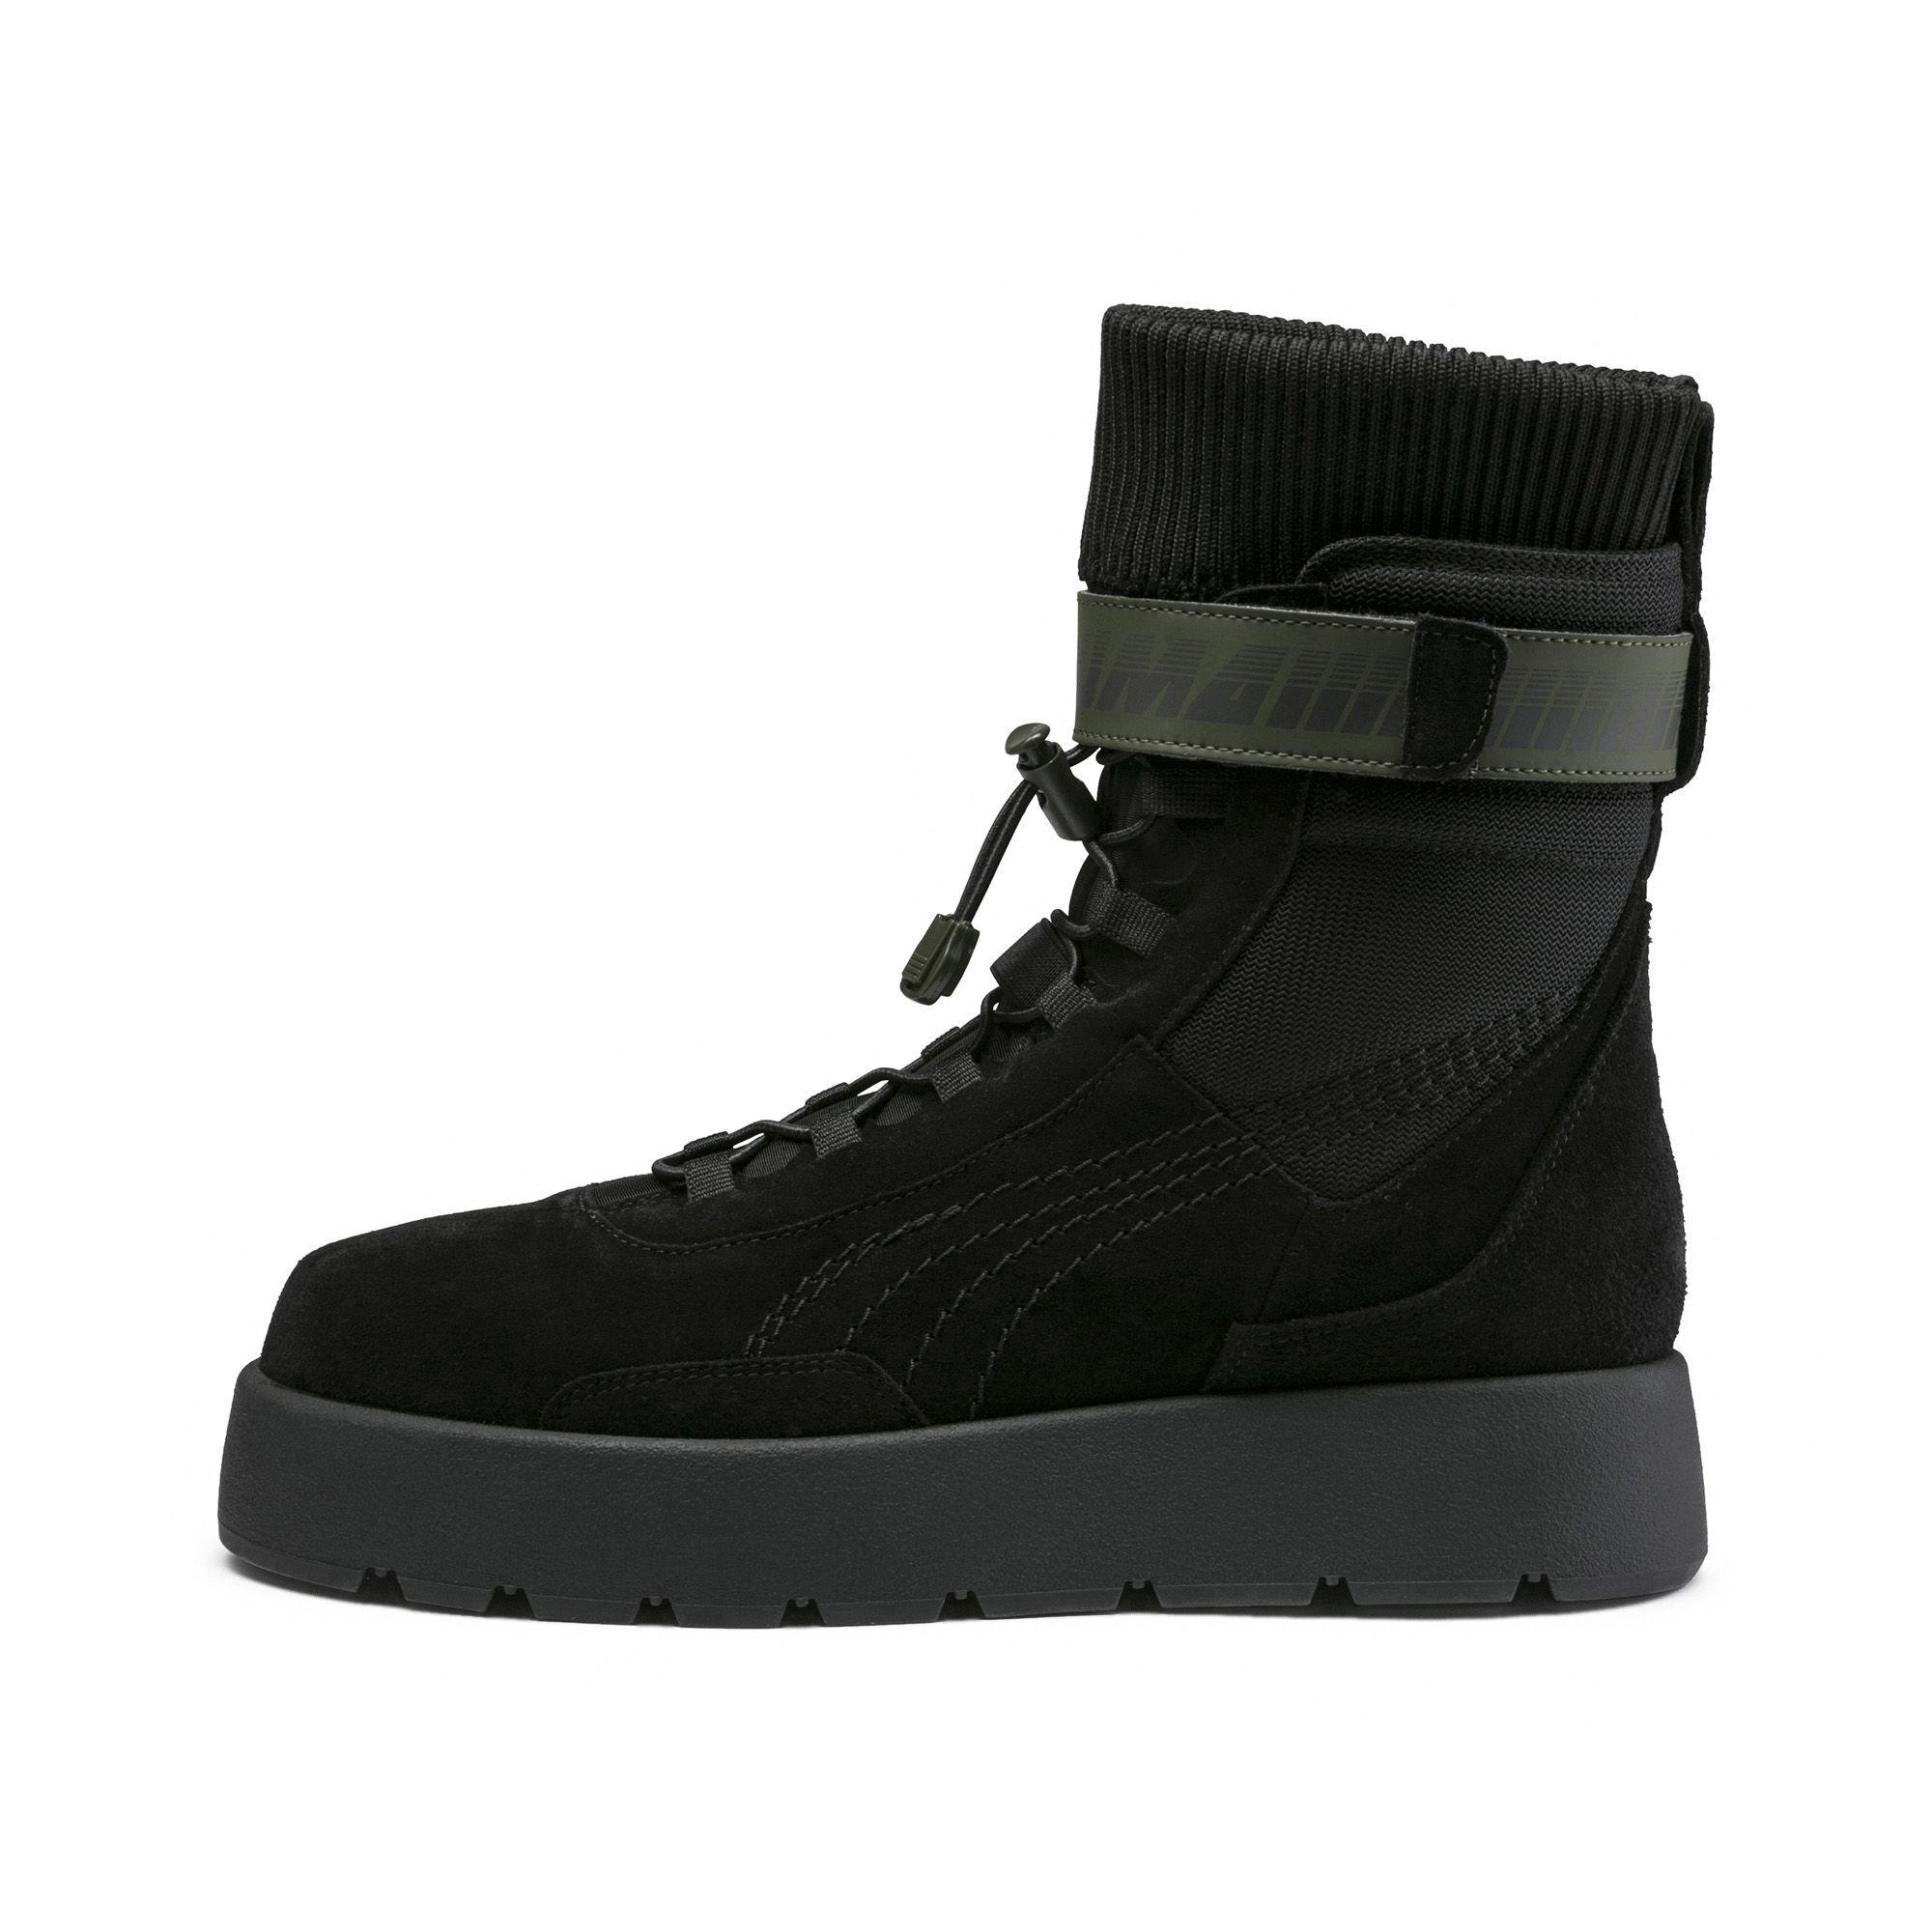 competitive price cb158 b03da Black Fenty Women's Scuba Boot